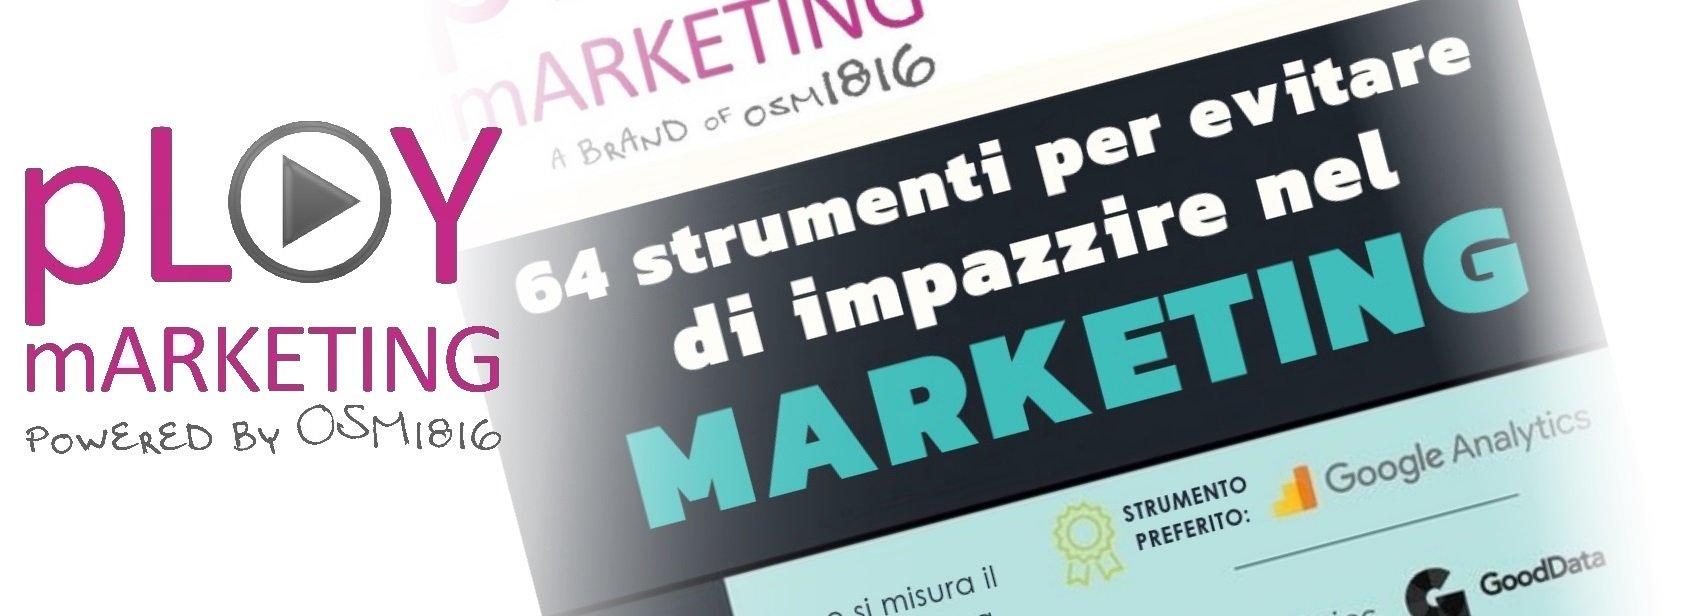 Infografica: 64 Strumenti per il marketing!